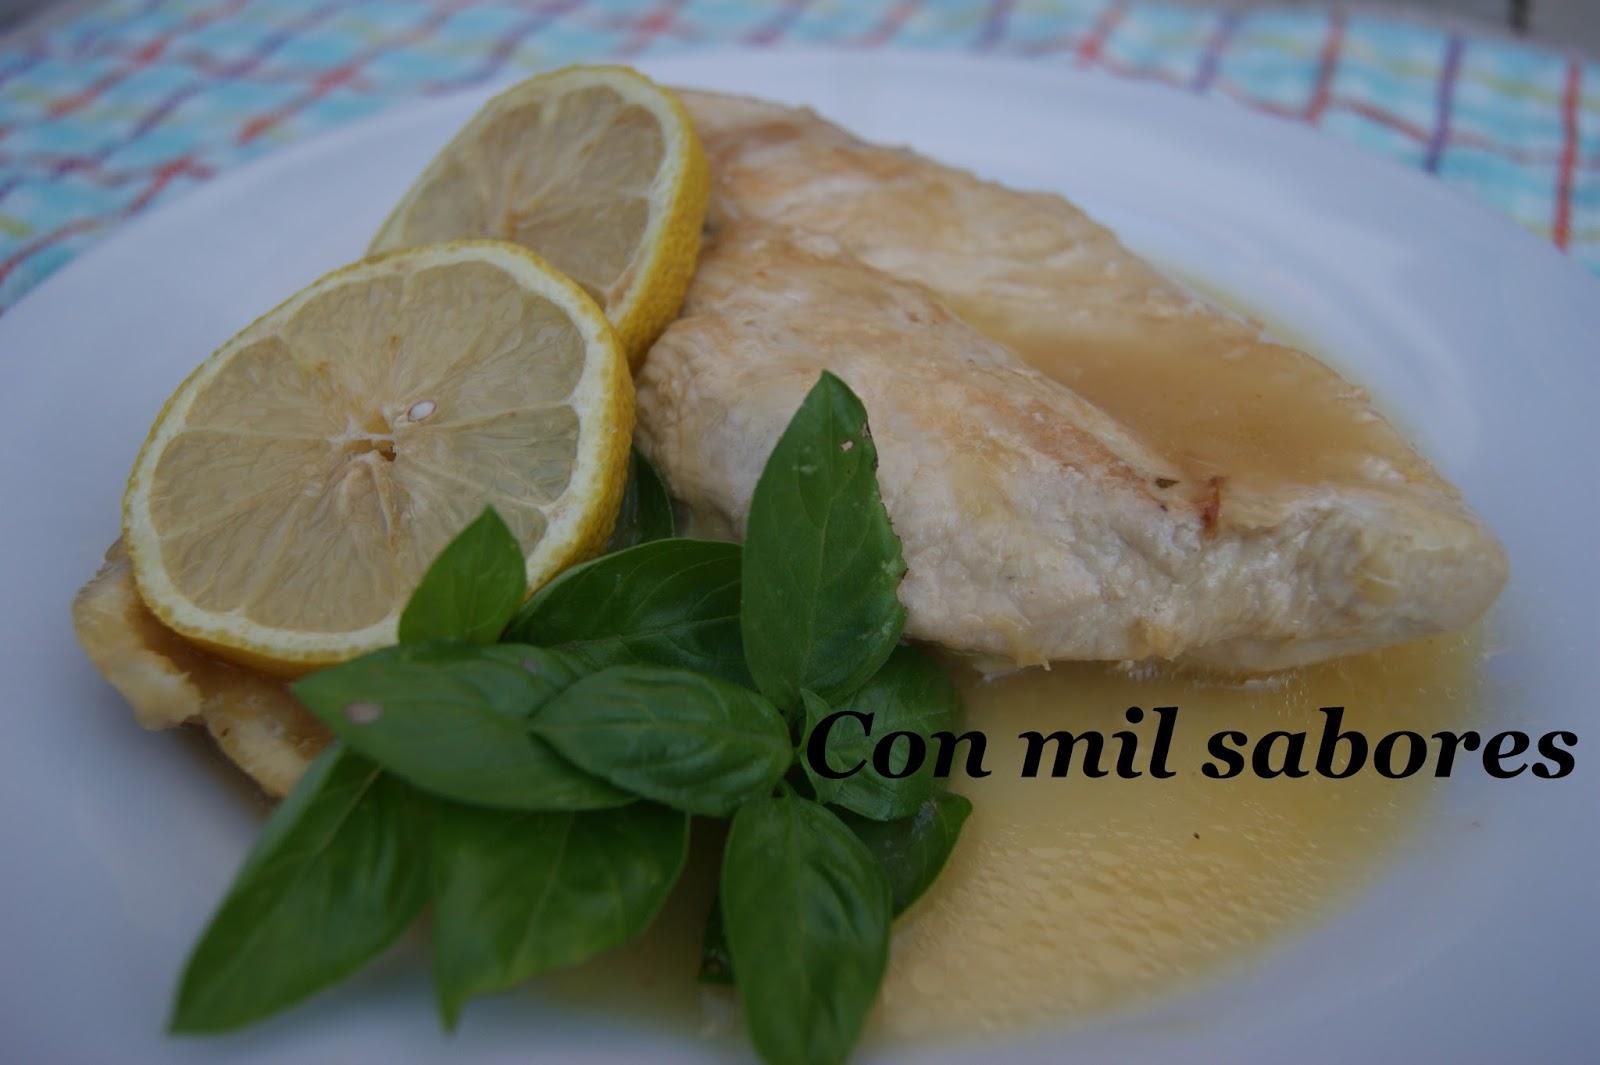 Con mil sabores pechugas de pollo al lim n - Pechugas de pollo al limon ...